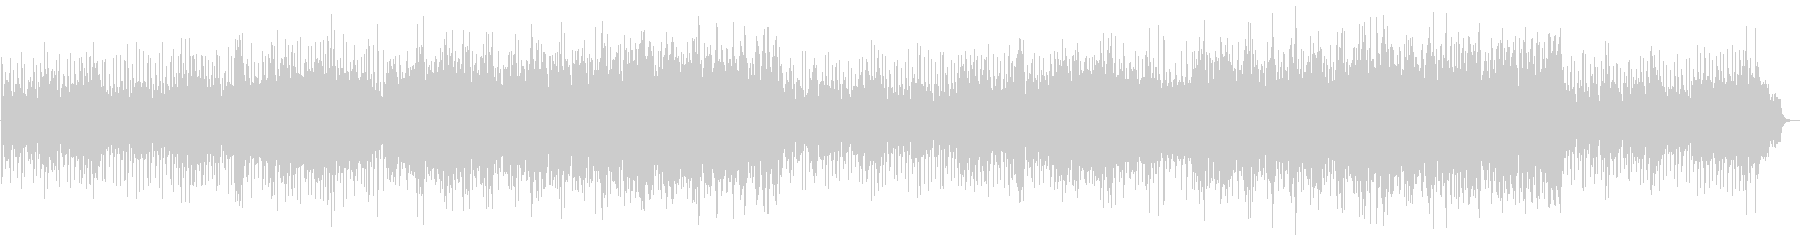 キラキラした音色がかわいいポップスの未再生の波形